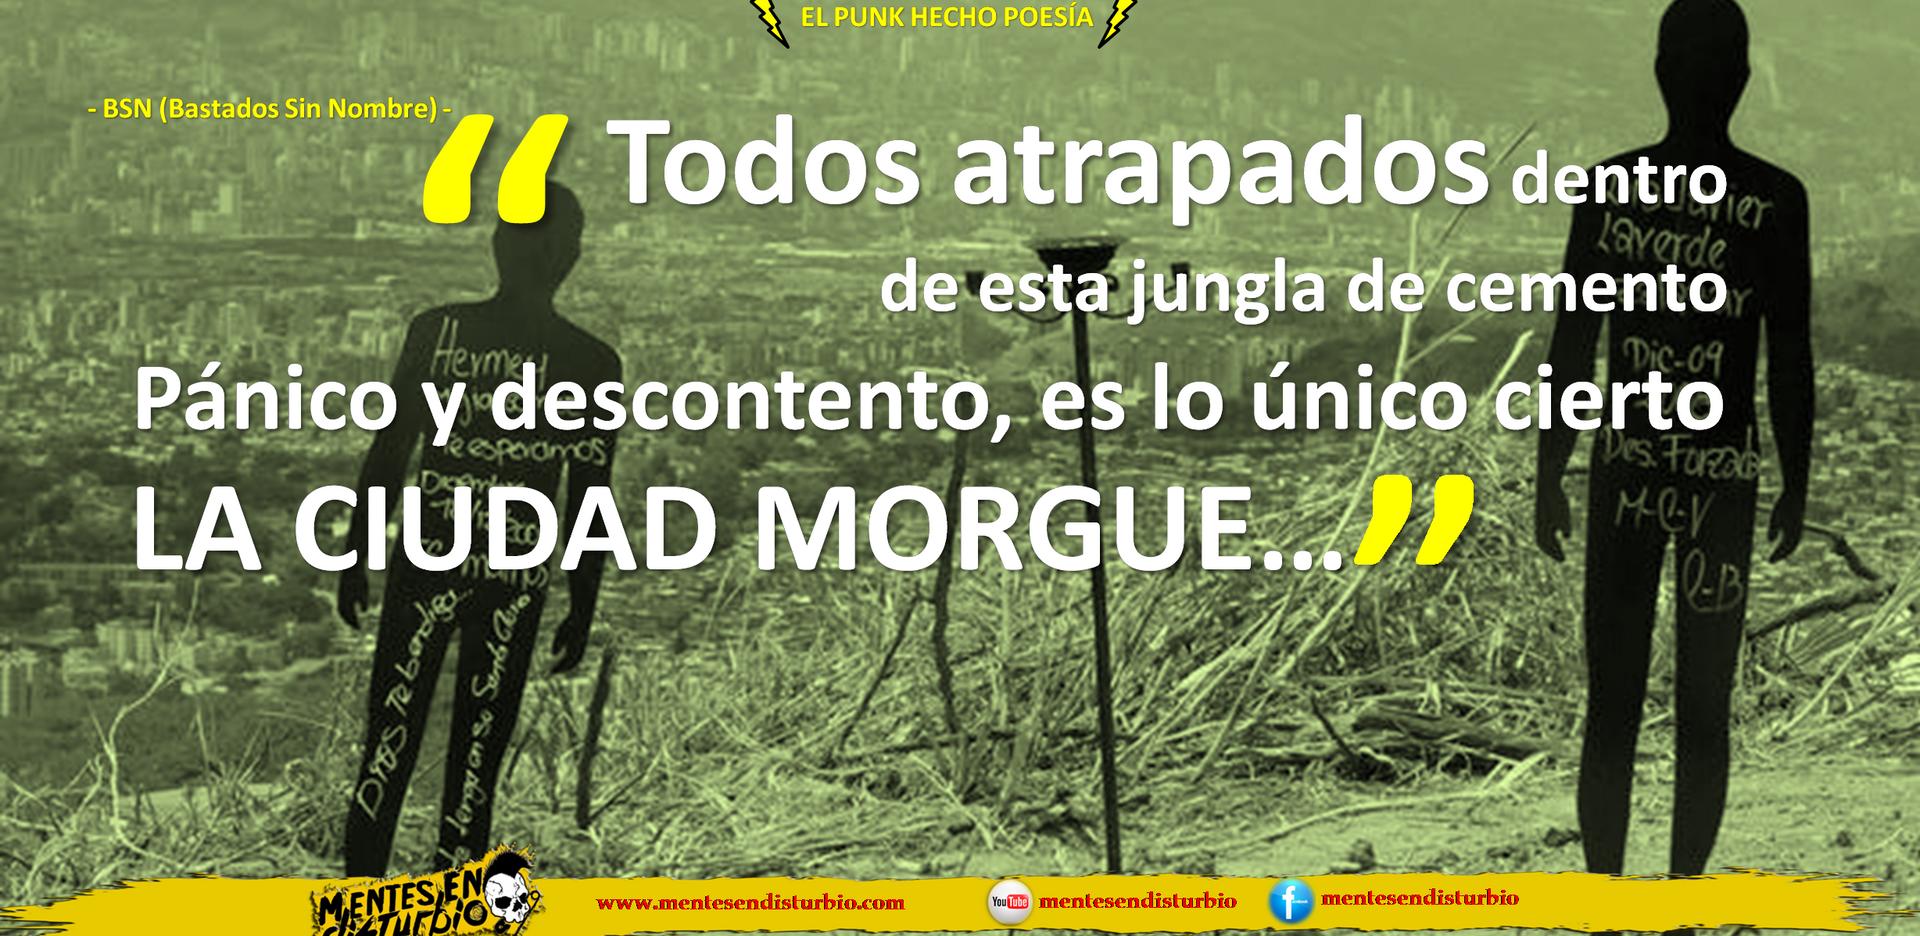 Ciudad Morgue